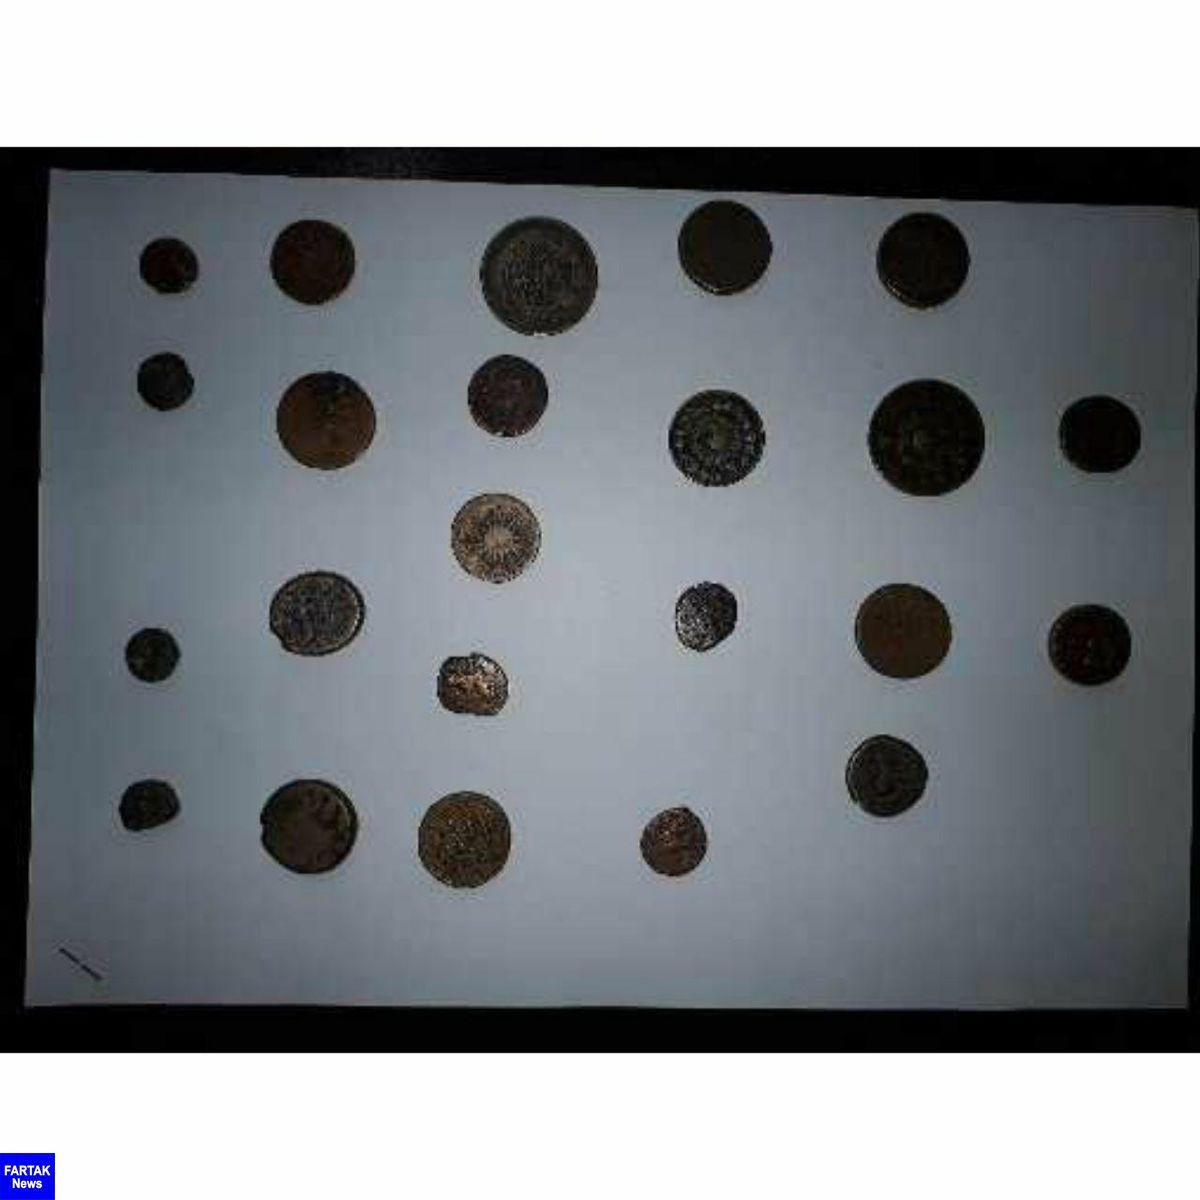 کشف ۳۳ قطعه سکه تاریخی در کرمانشاه